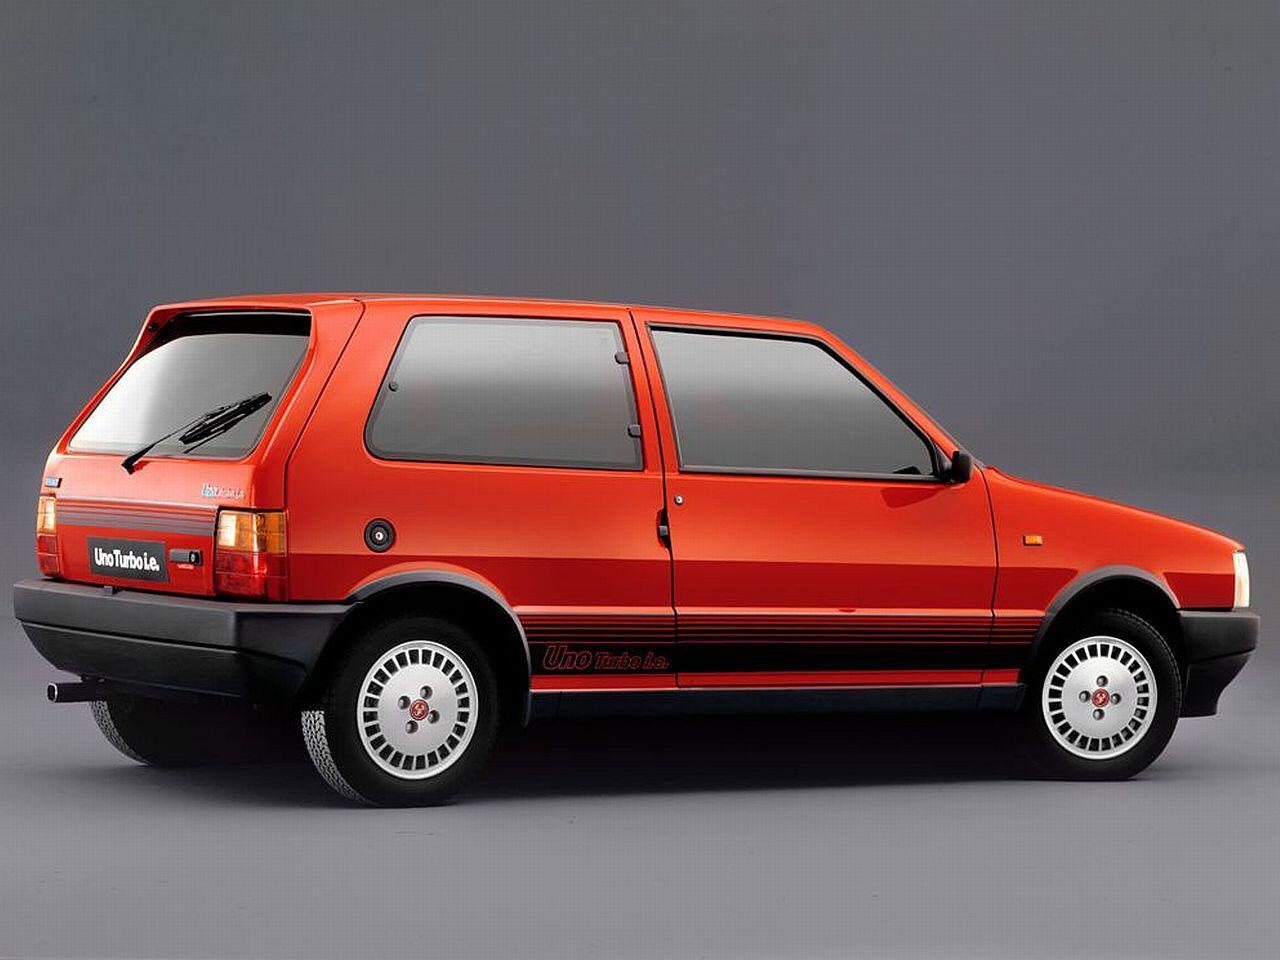 Bild zu Fiat Uno Turbo i.e.